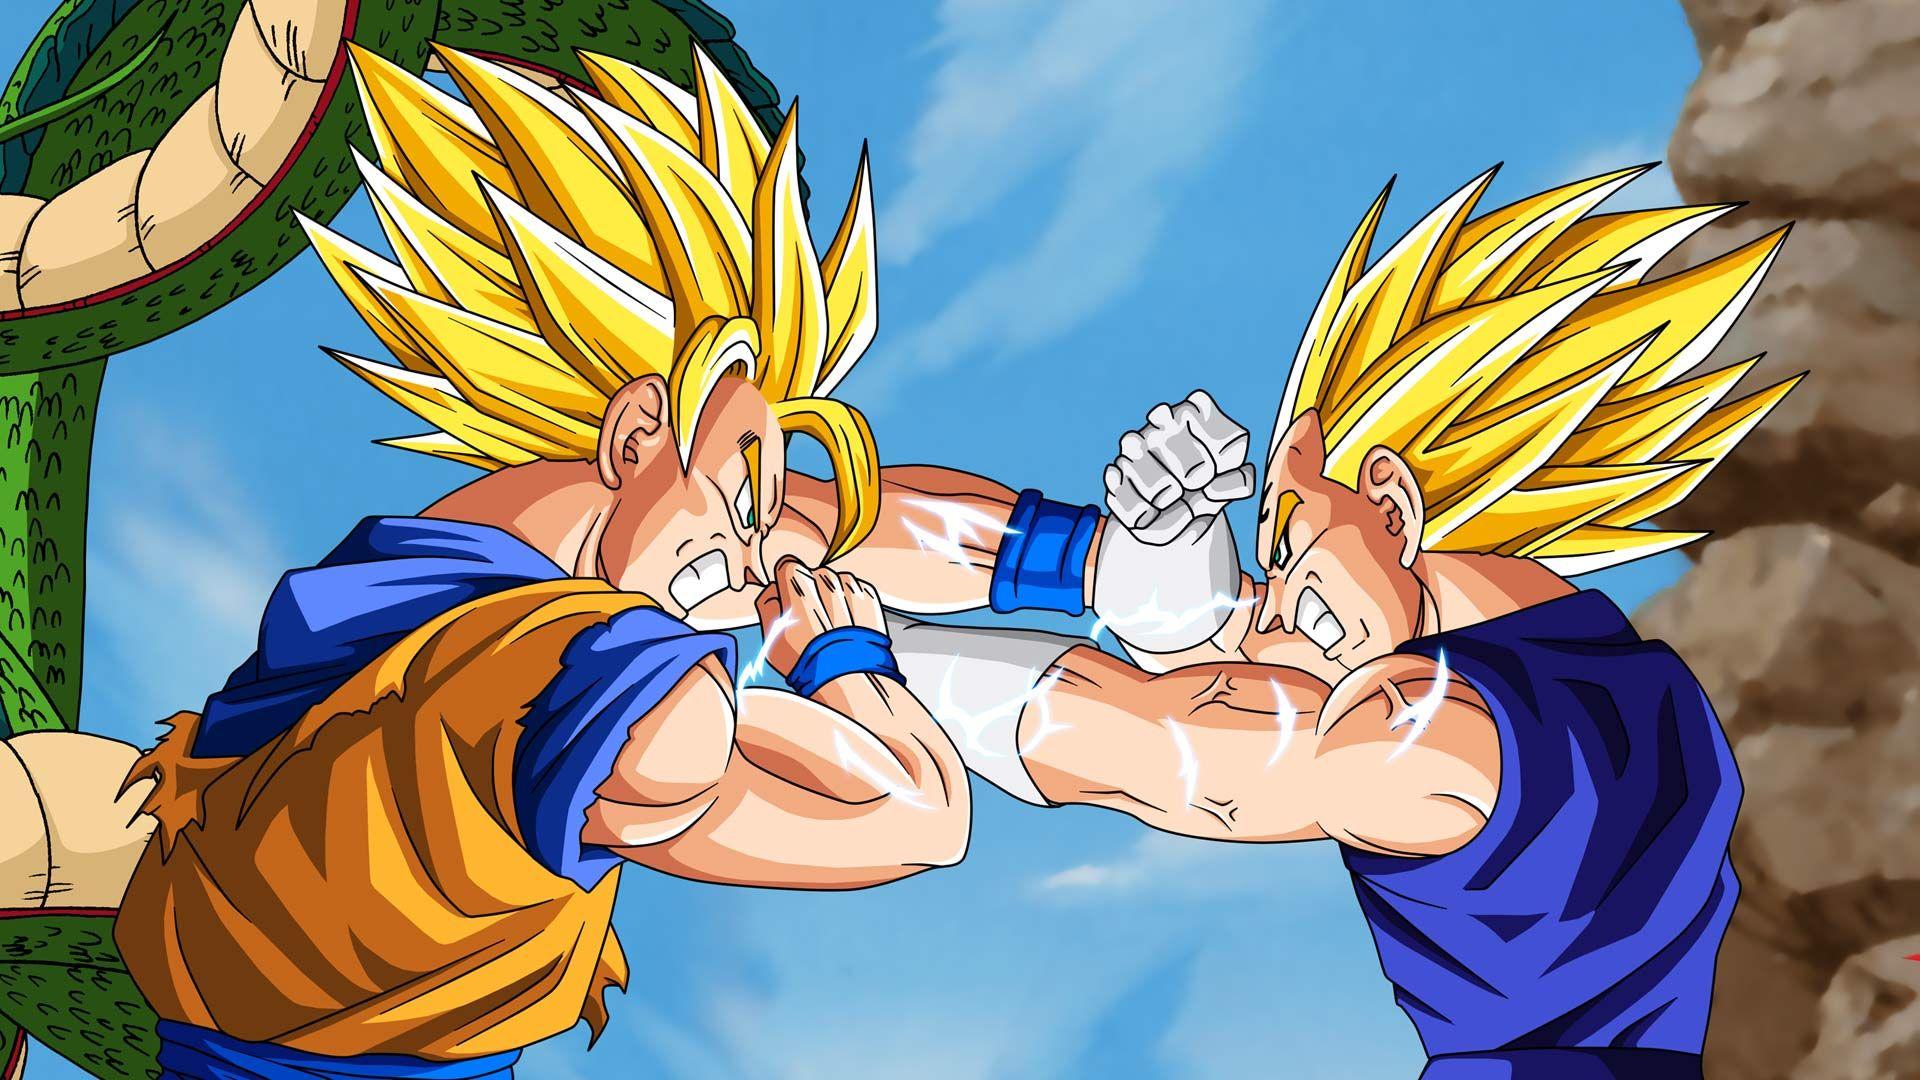 Vegeta Vs Goku Wallpapers Vegeta Vs Goku Backgrounds Vegeta Vs Goku Images Free Computer Desktop Wallpapers Dragon Ball Z Hd Dragon Ball Dragon Ball Z Goku